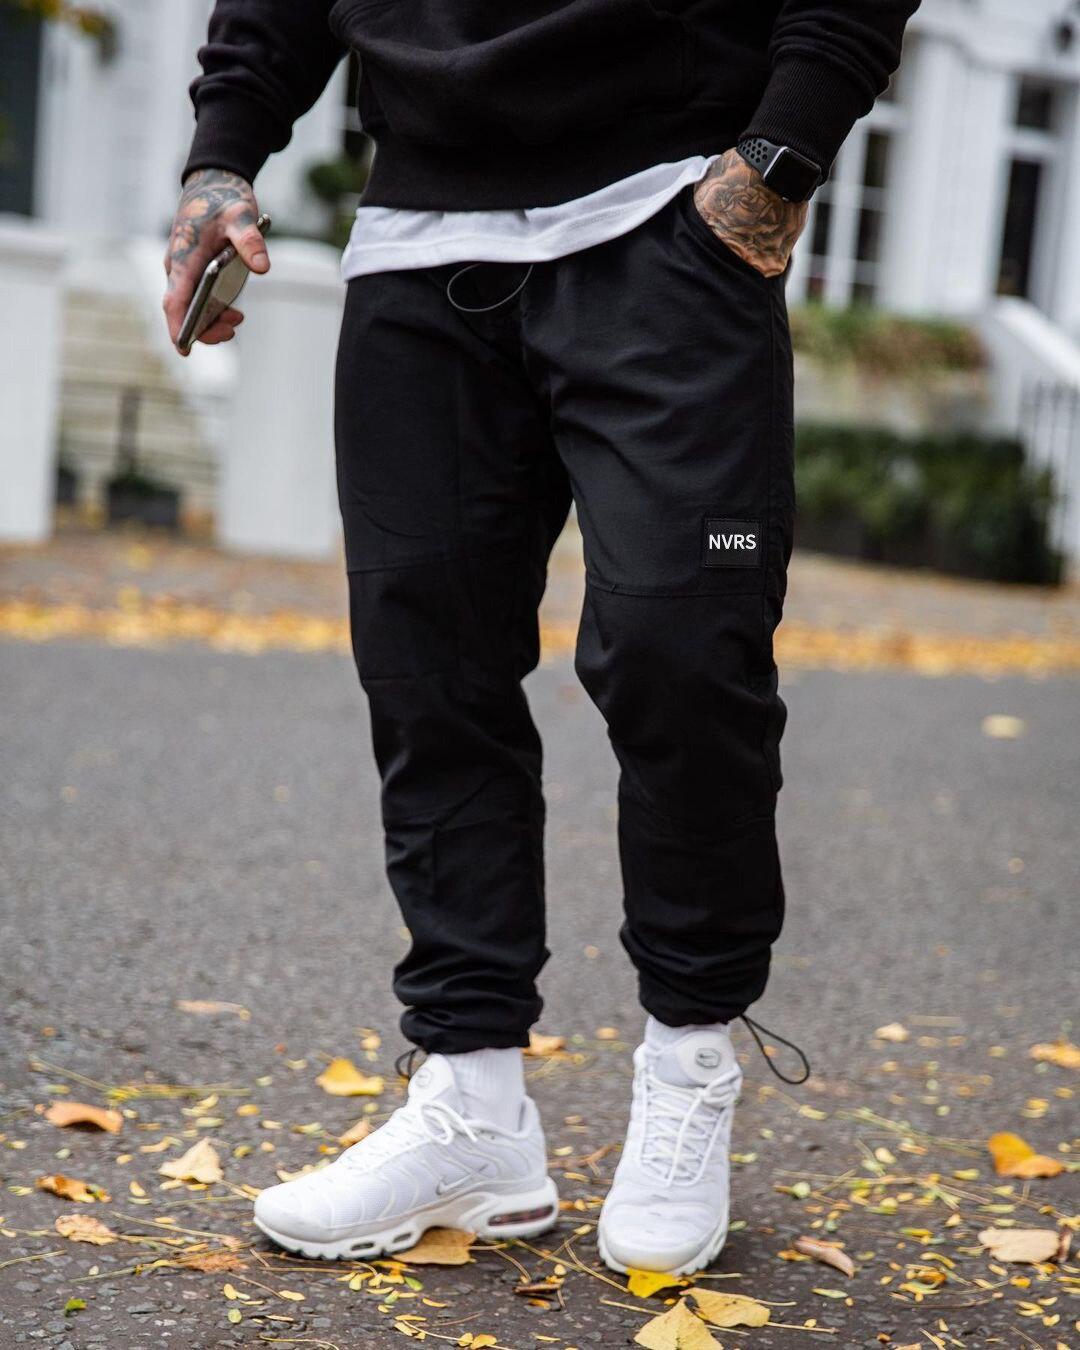 Брюки мужские однотонные с поясом на резинке, джоггеры, мешковатые брюки с заниженной талией, повседневные штаны, Прямая поставка, 2021